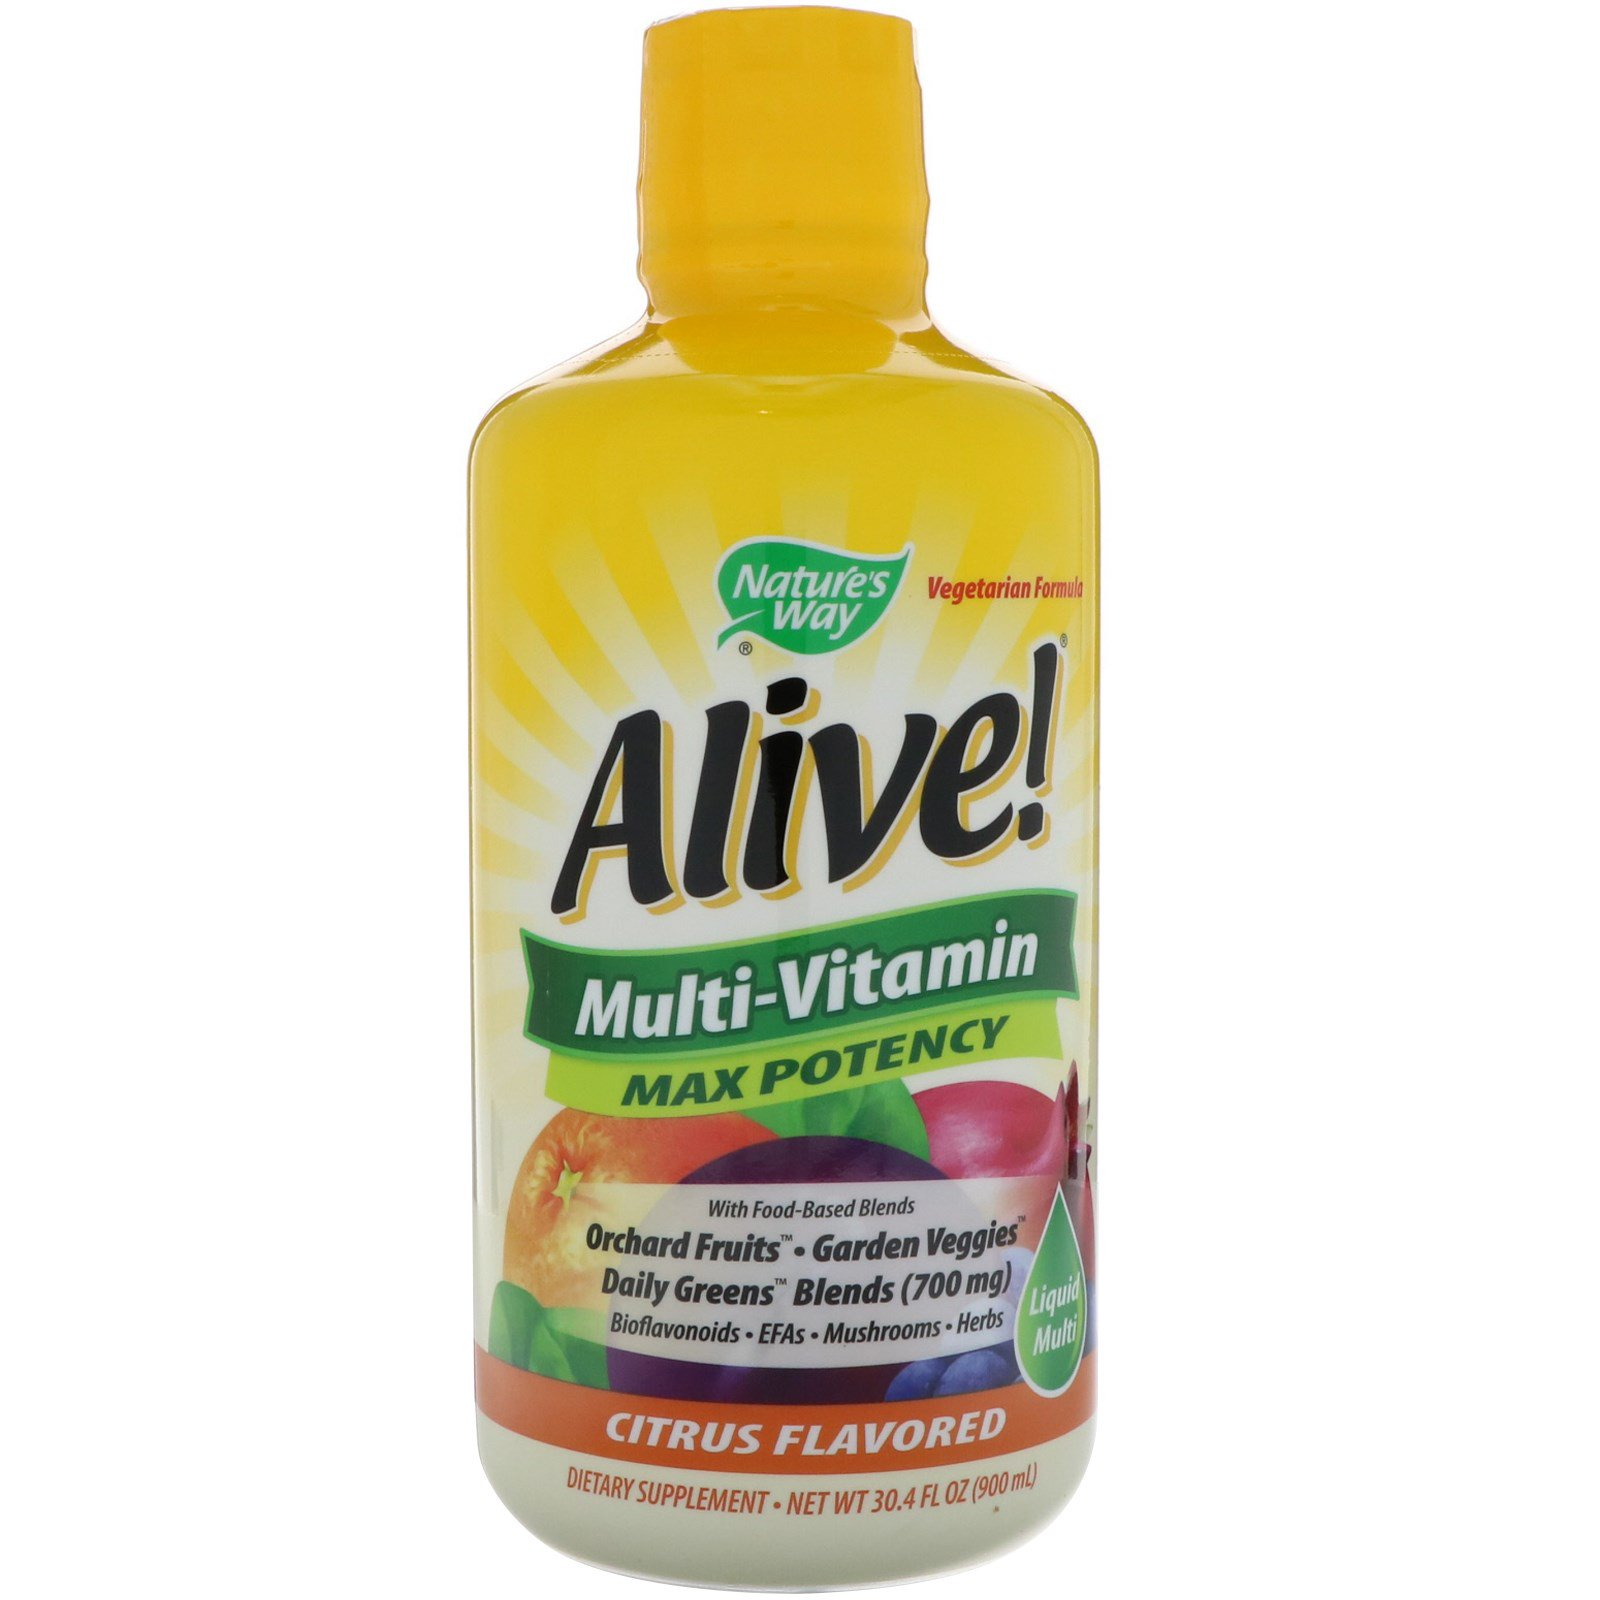 Nature's Way, Alive!, жидкие мультивитамины, максимальная эффективность, цитрусовый вкус, 30,4 ж. унц. (900мл)